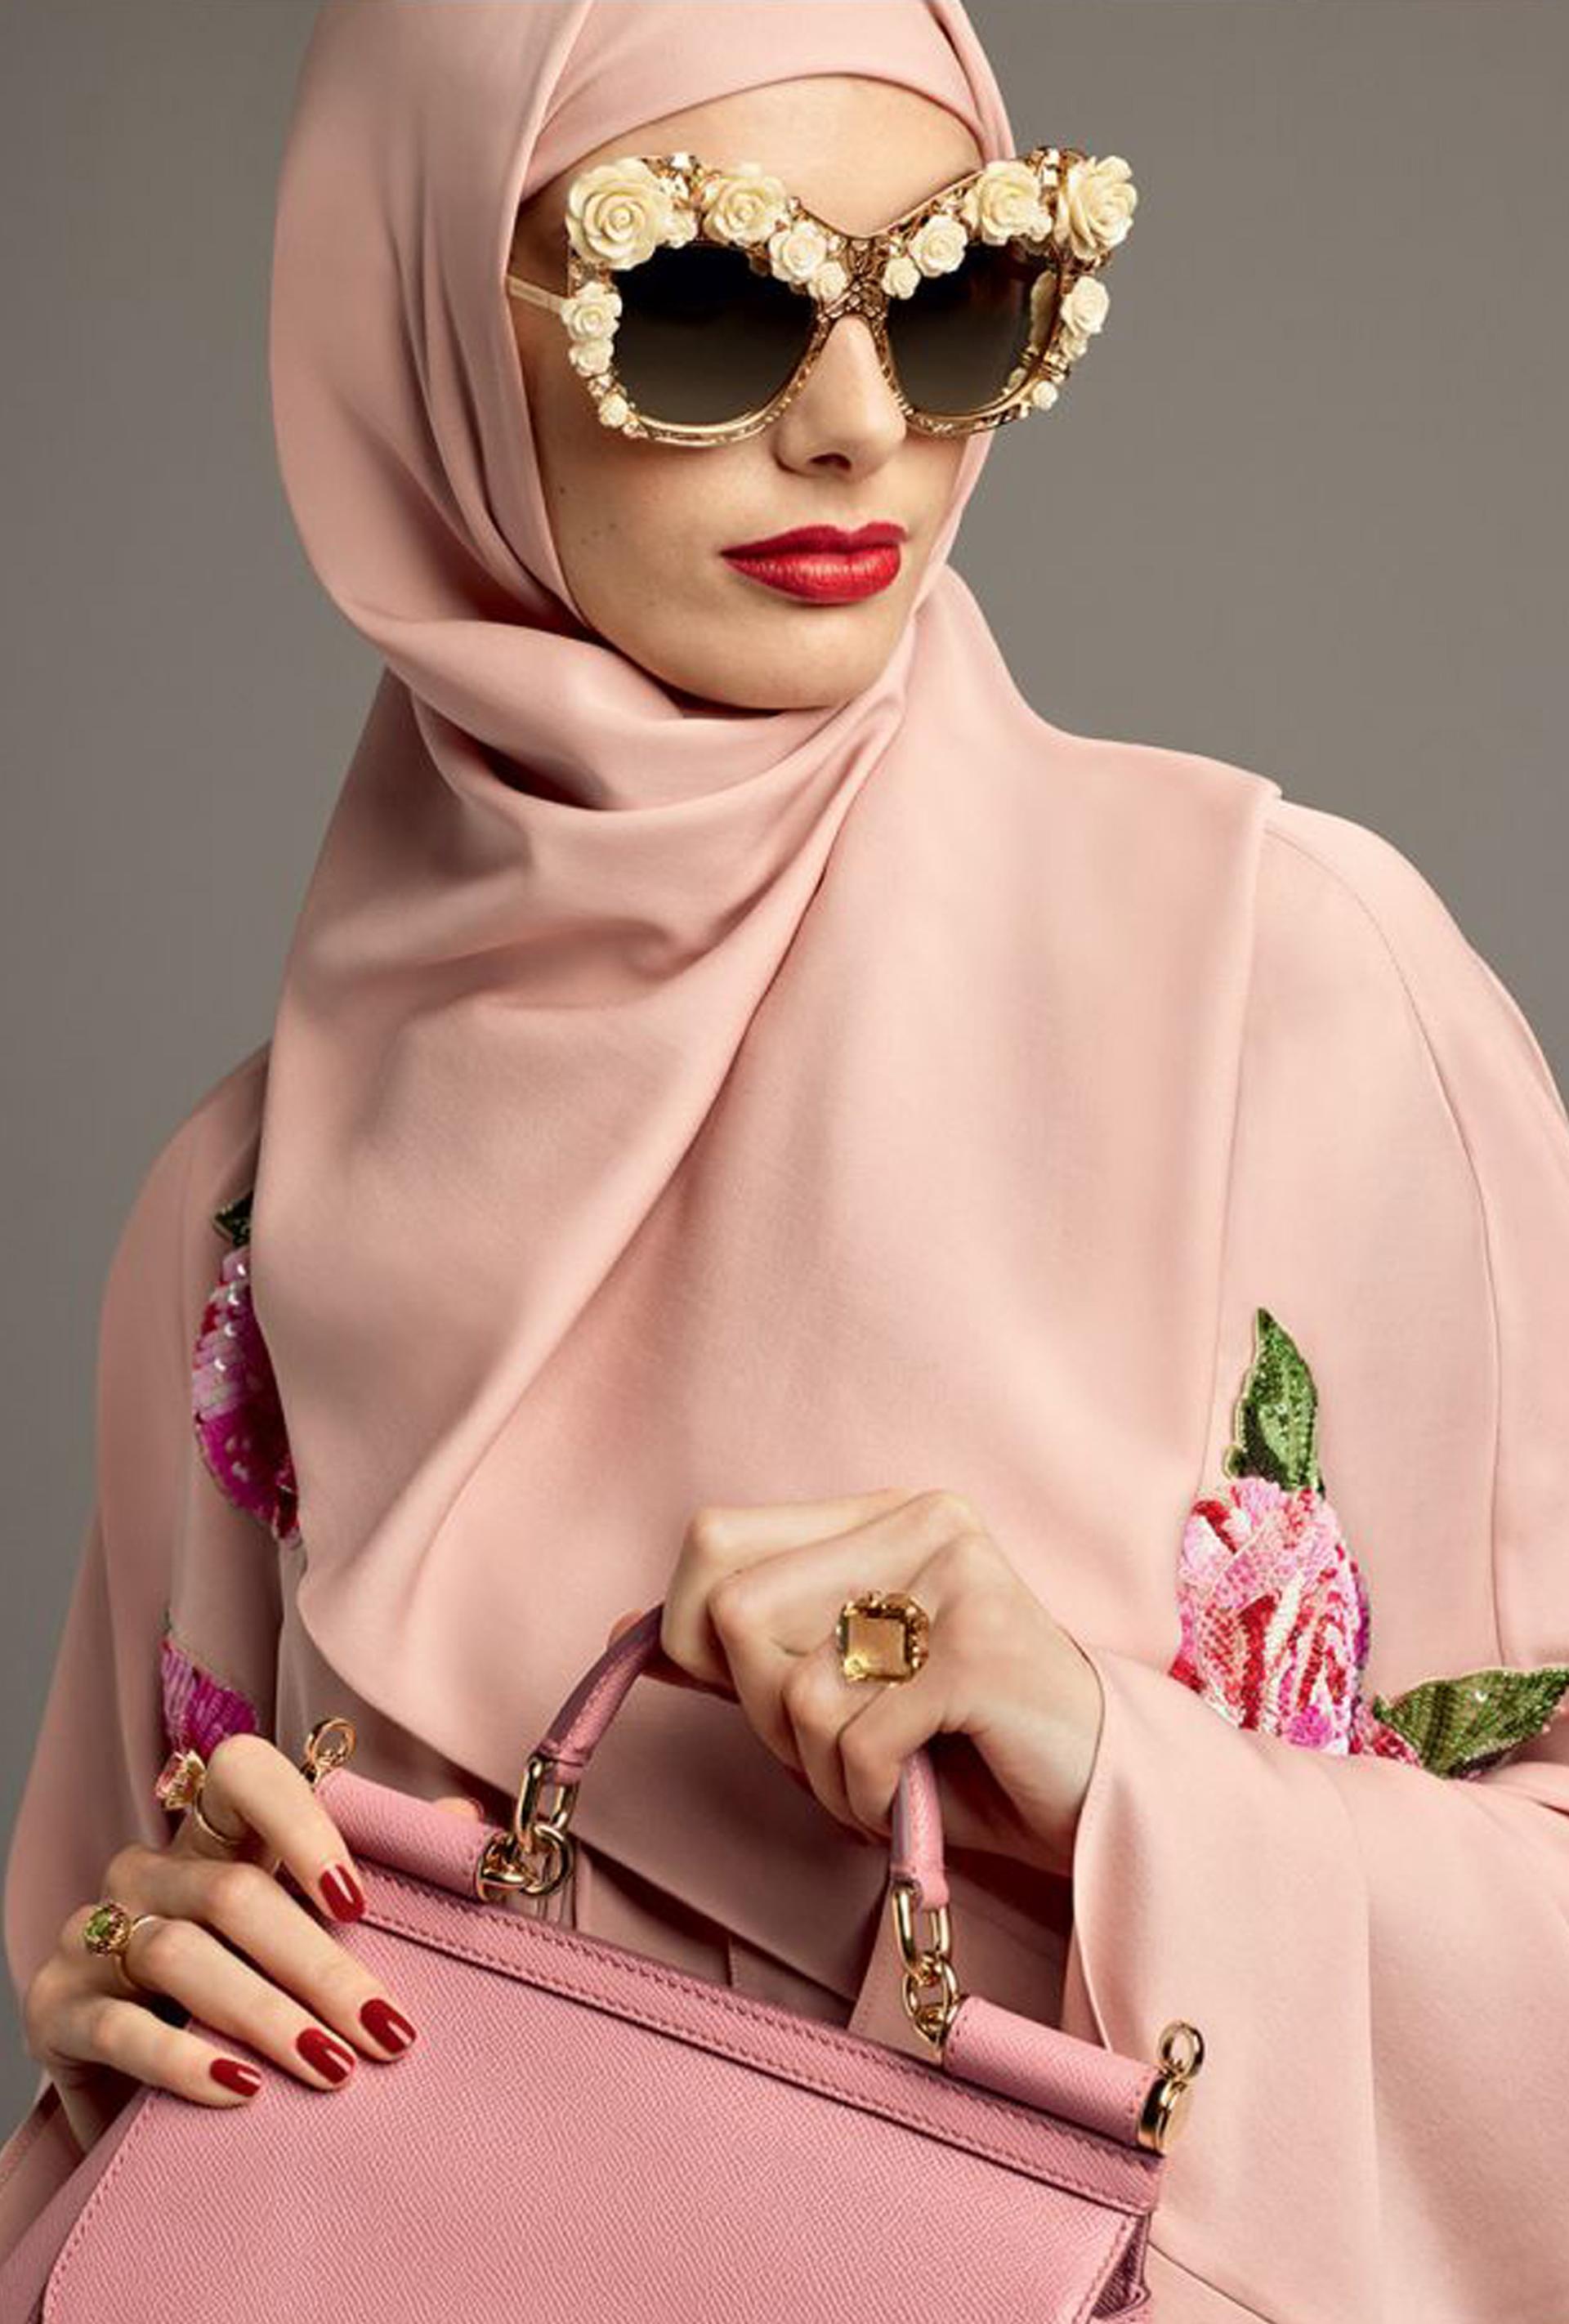 967f9a0fe0 Característico de la marca, la línea eyewear con anteojos XL y apliques de  flores.